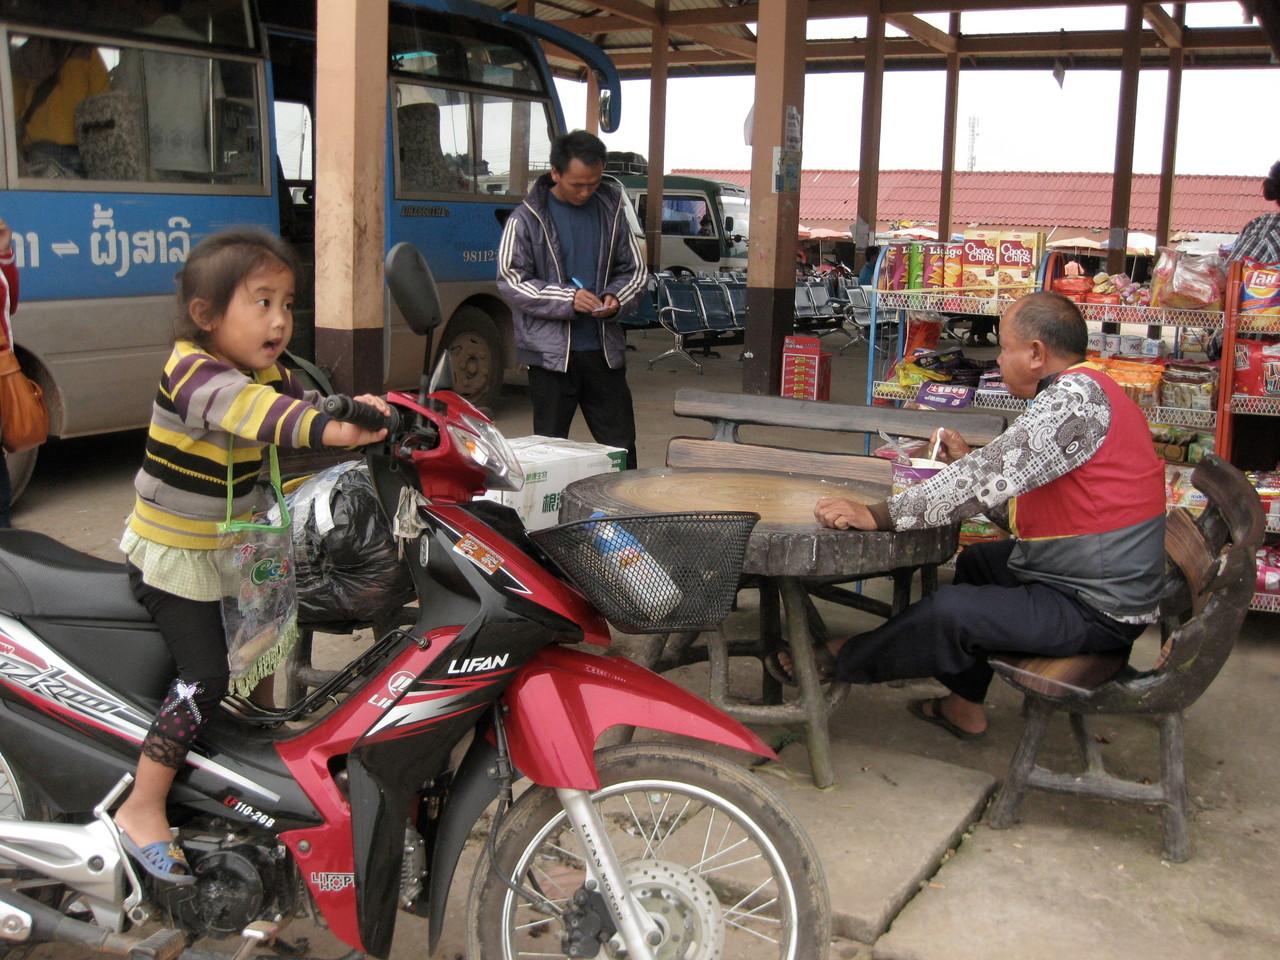 モーターバイクの女の子とカップラーメンを食べるおっさんと切符売りの兄さん。ルアンナムター長距離バス・ターミナルにて。